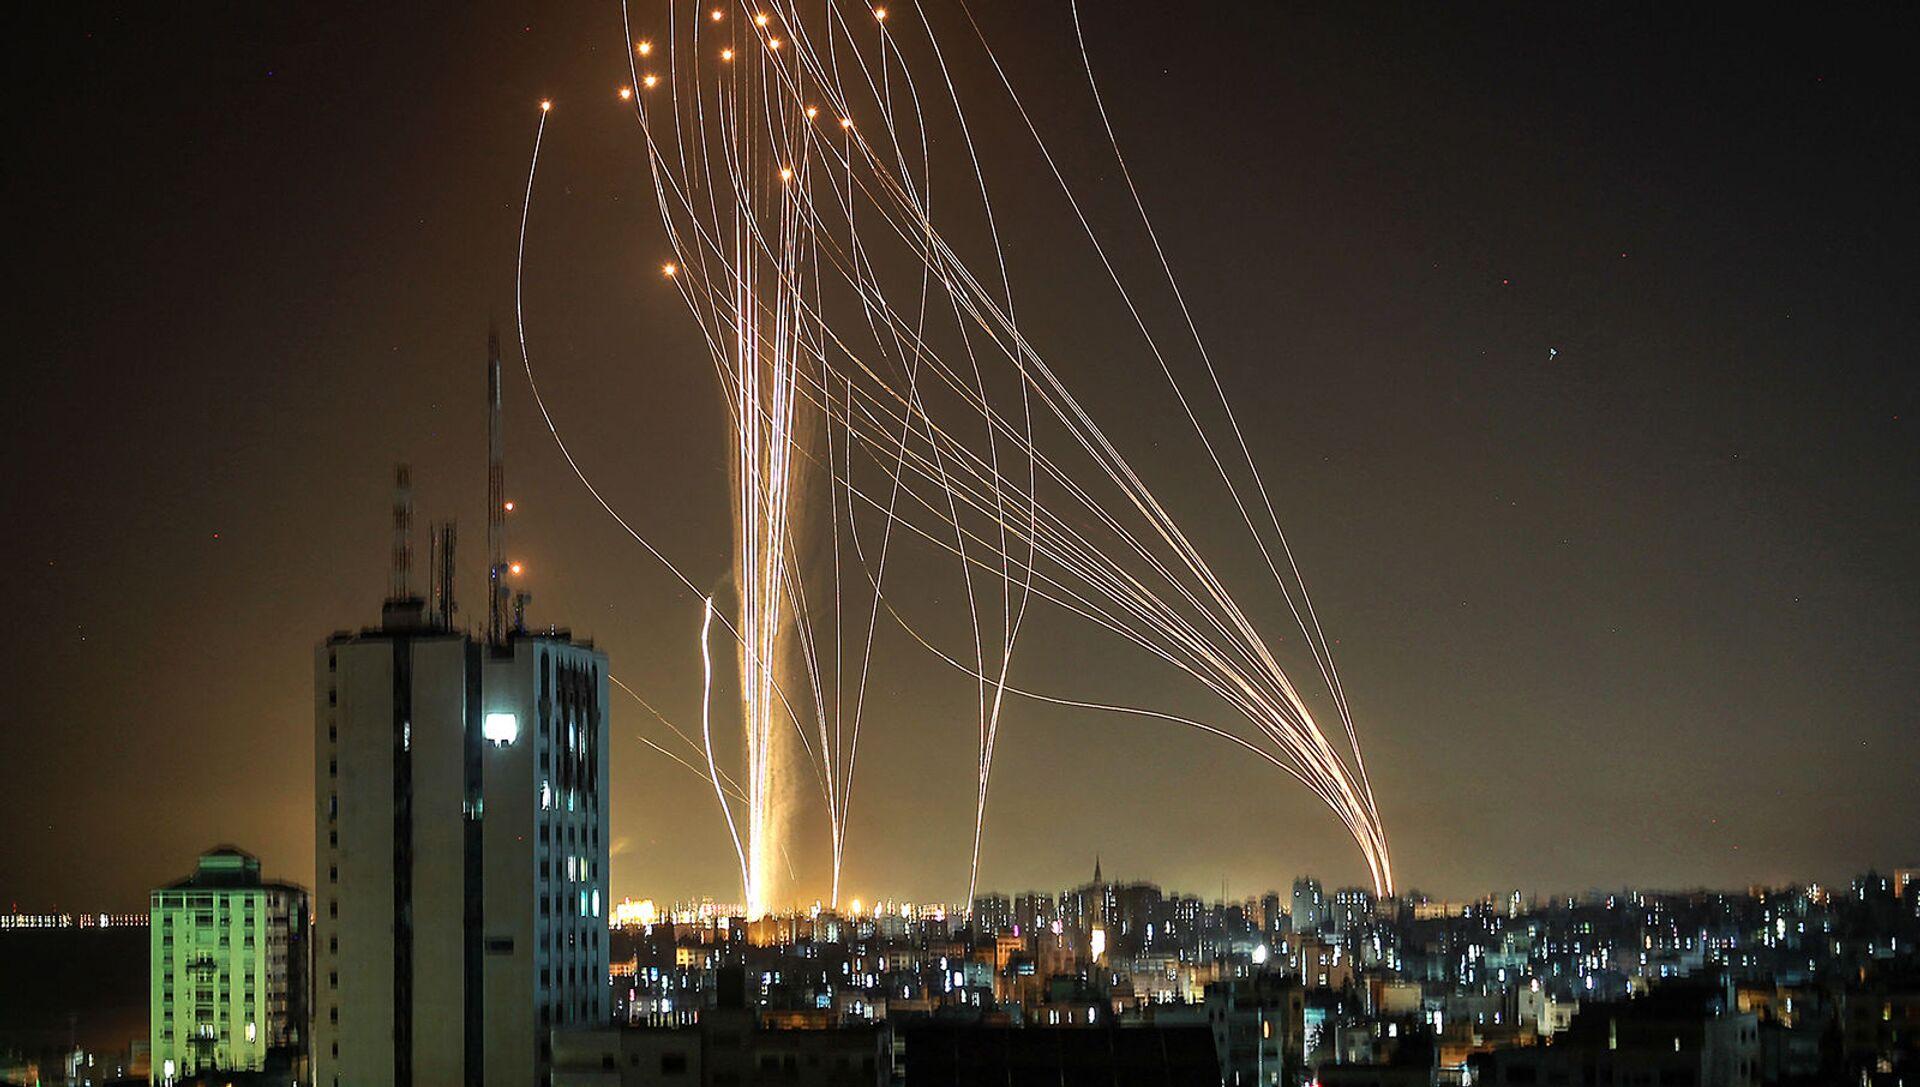 Ракеты запускаются из города Газа, контролируемого палестинским движением ХАМАС, в направлении прибрежного города Тель-Авив (11 мая 2021).  - Sputnik Армения, 1920, 12.05.2021